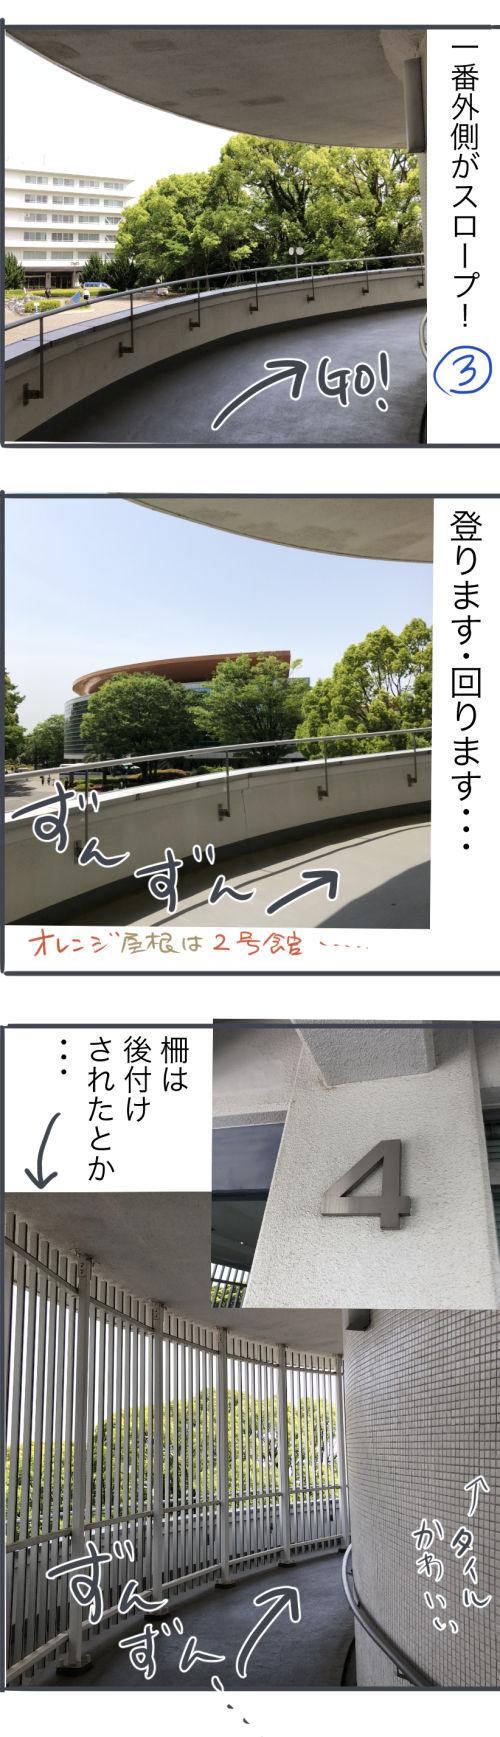 東海大学3号館ブログ用1−2